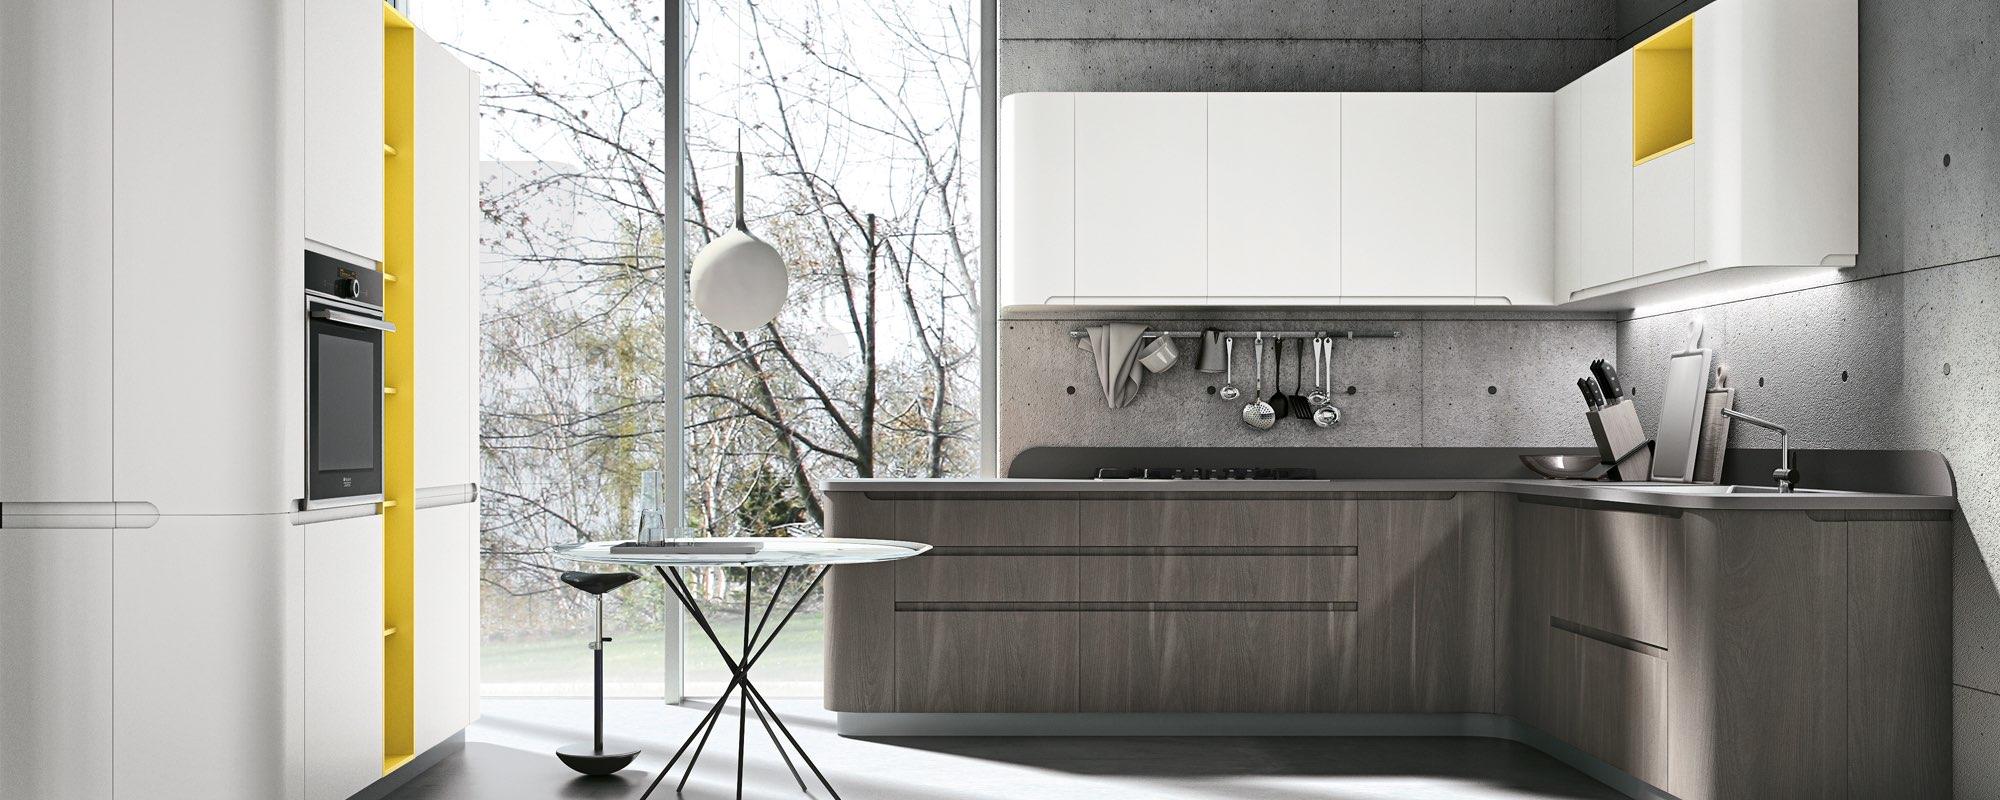 cucina moderna in legno ad angolo - BRING